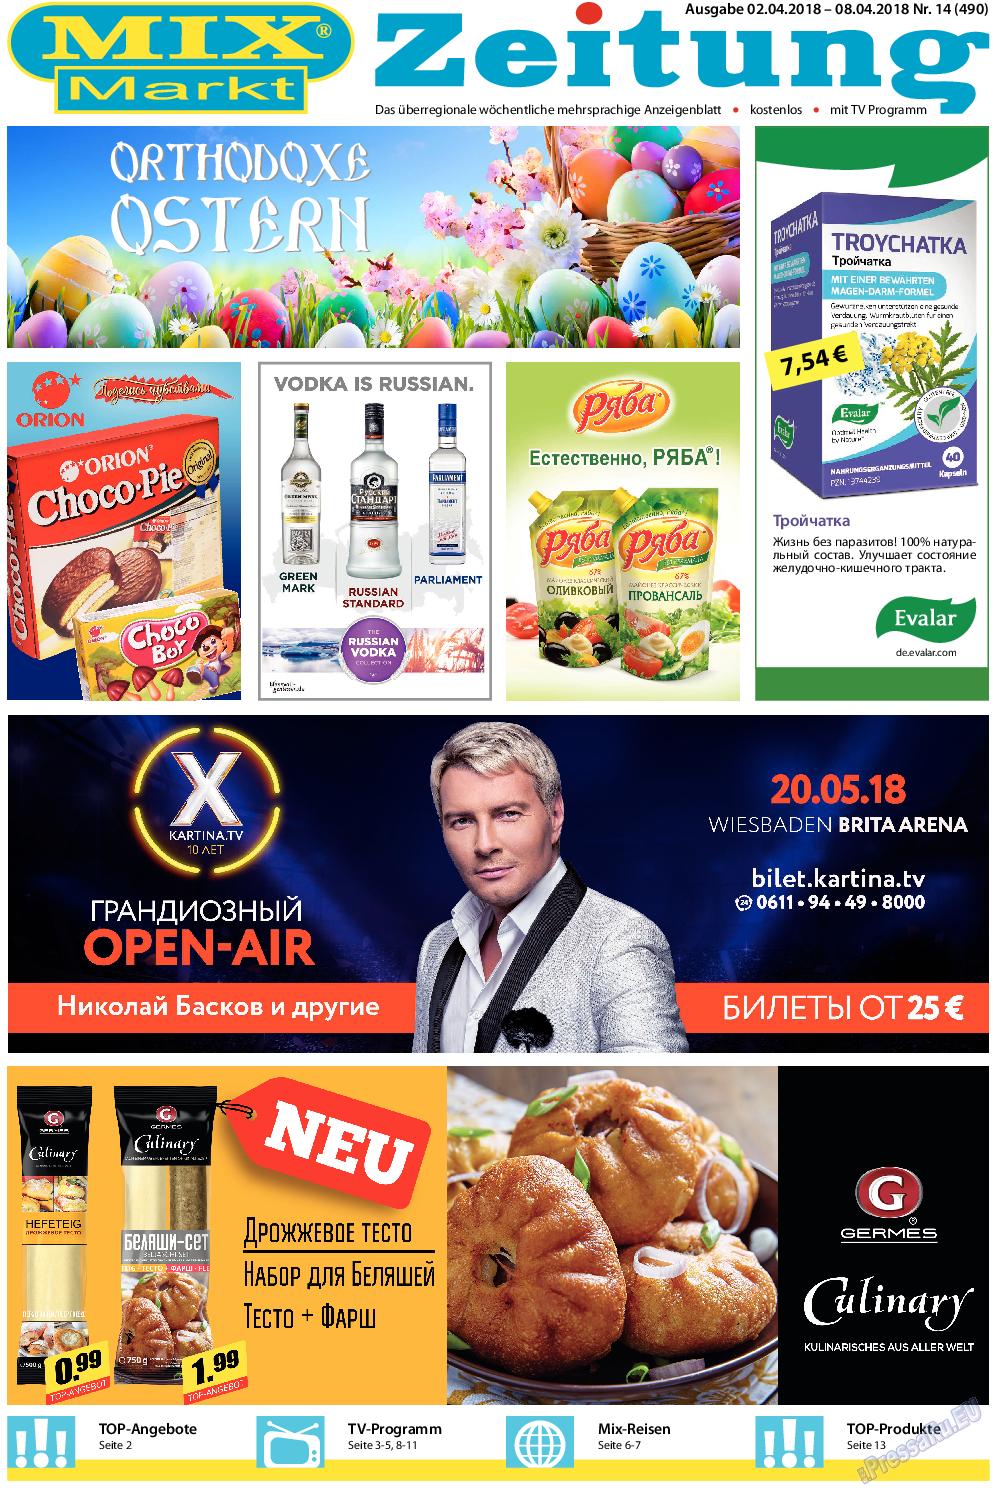 MIX-Markt Zeitung (газета). 2018 год, номер 14, стр. 1